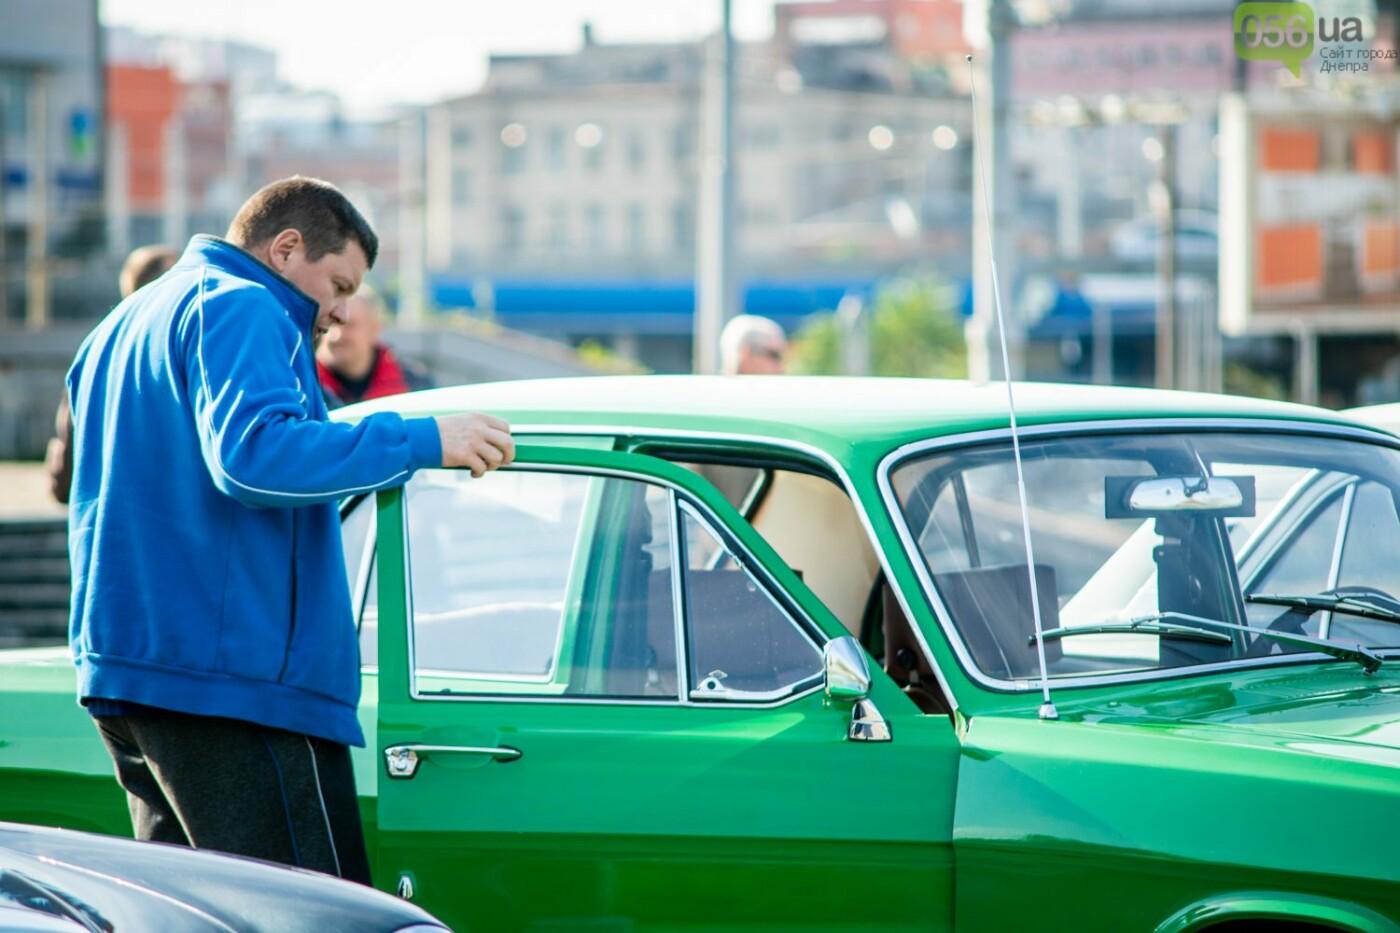 «Реставрация – это недешевое хобби»: как в Днепре проходит встреча владельцев ретро-автомобилей, - ФОТОРЕПОРТАЖ, фото-7